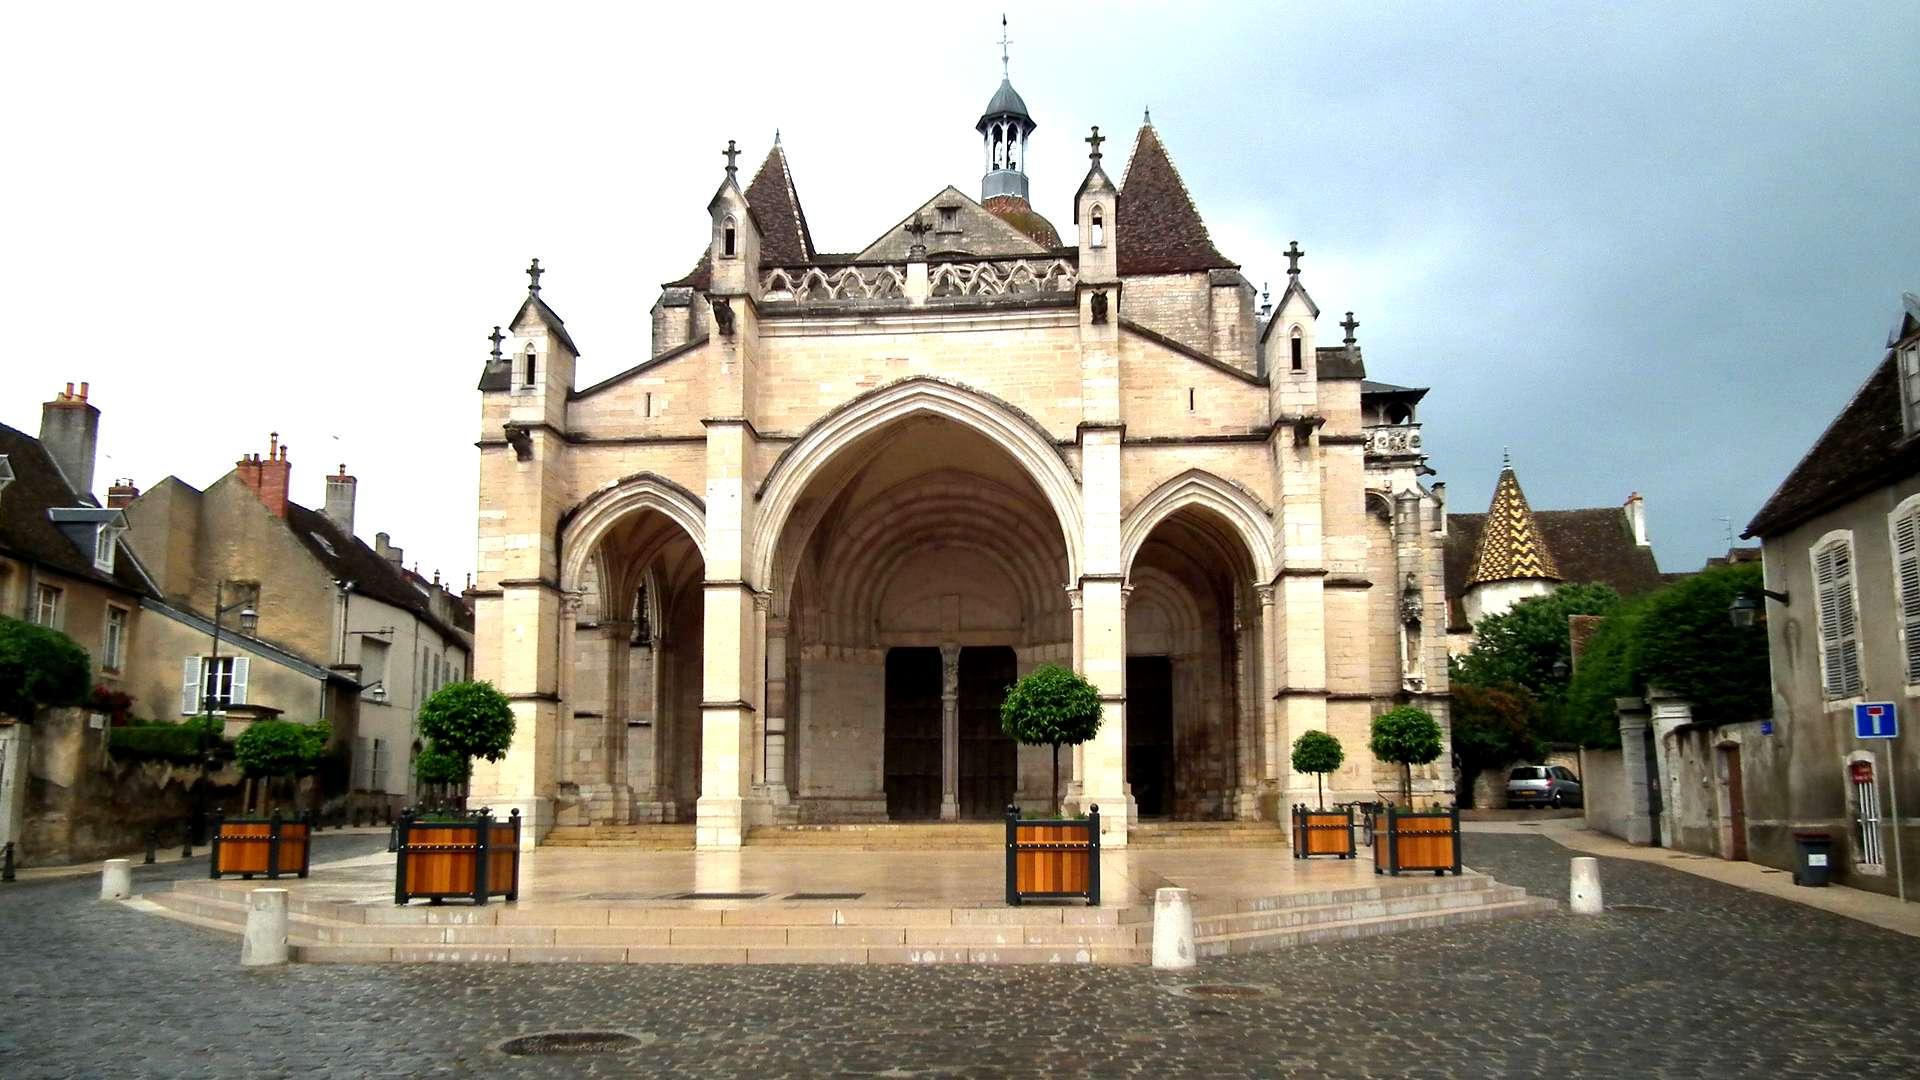 Basilique collégiale Notre-Dame de Beaune